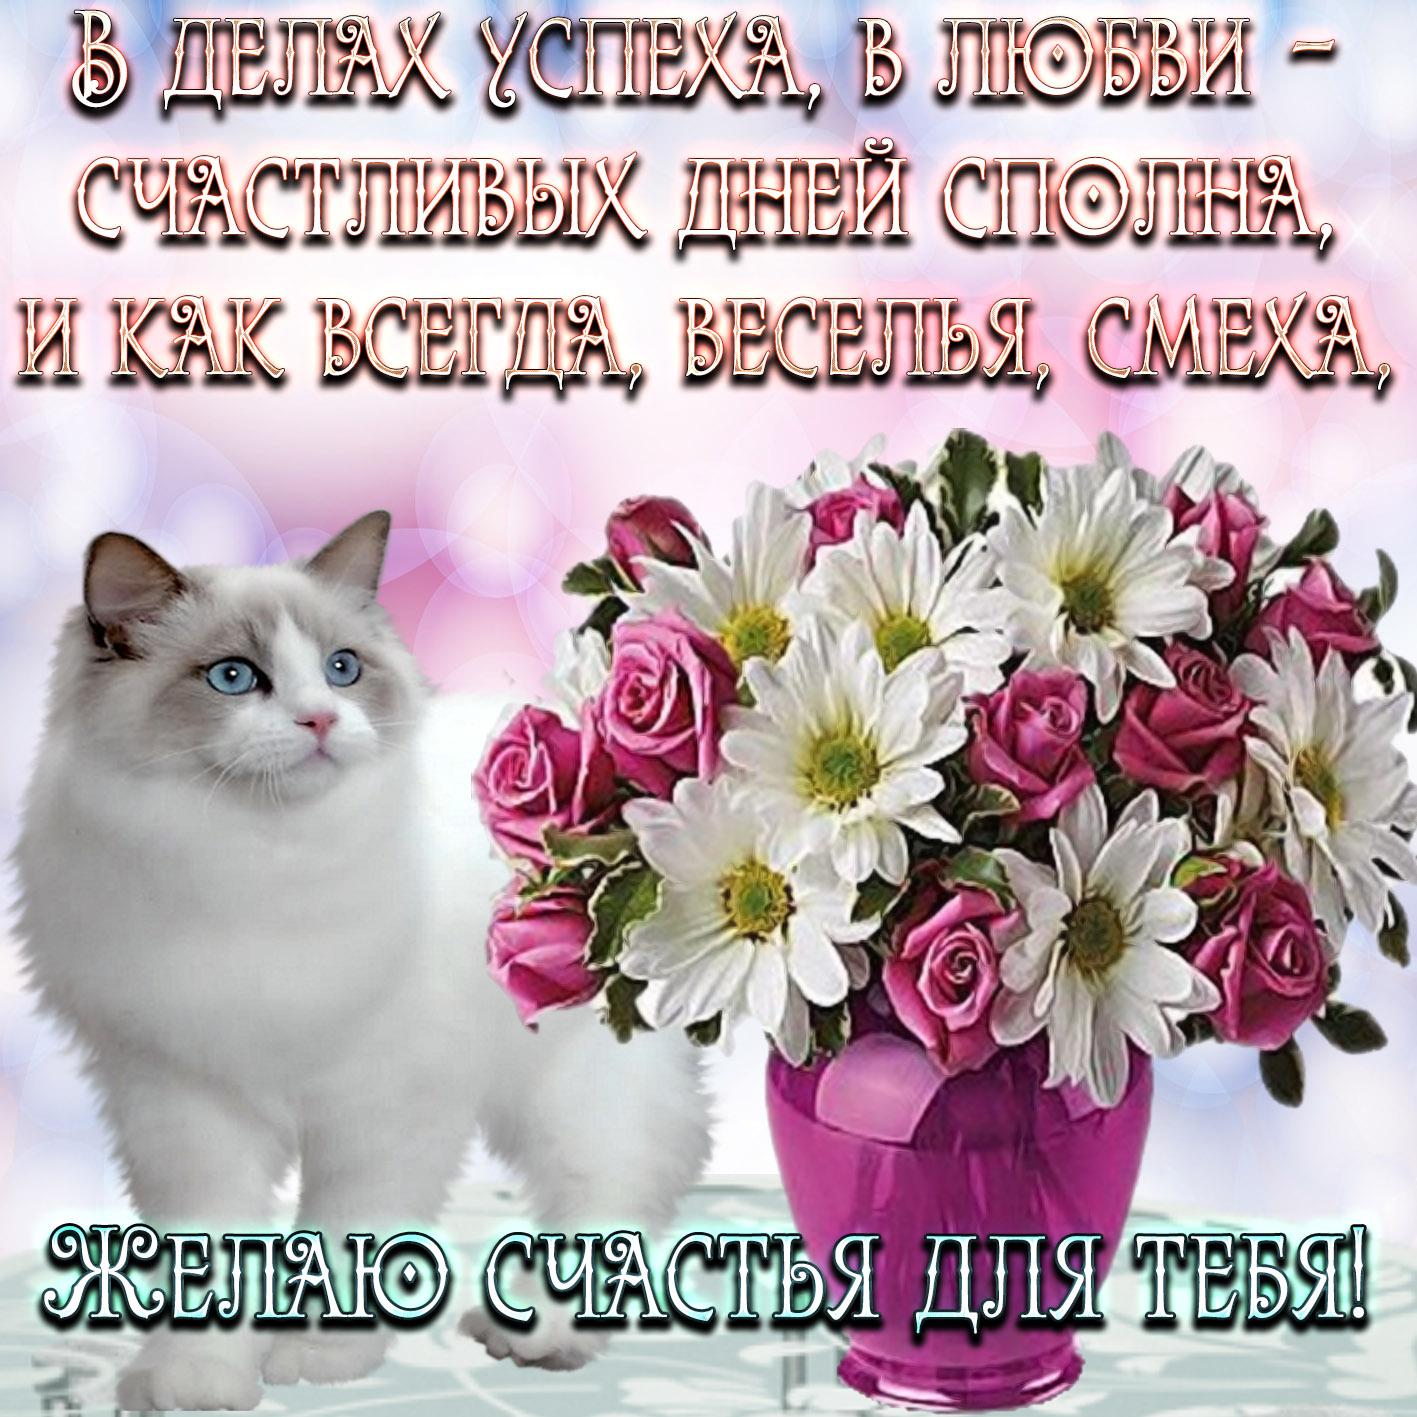 Картинка с котиком желающим счастья